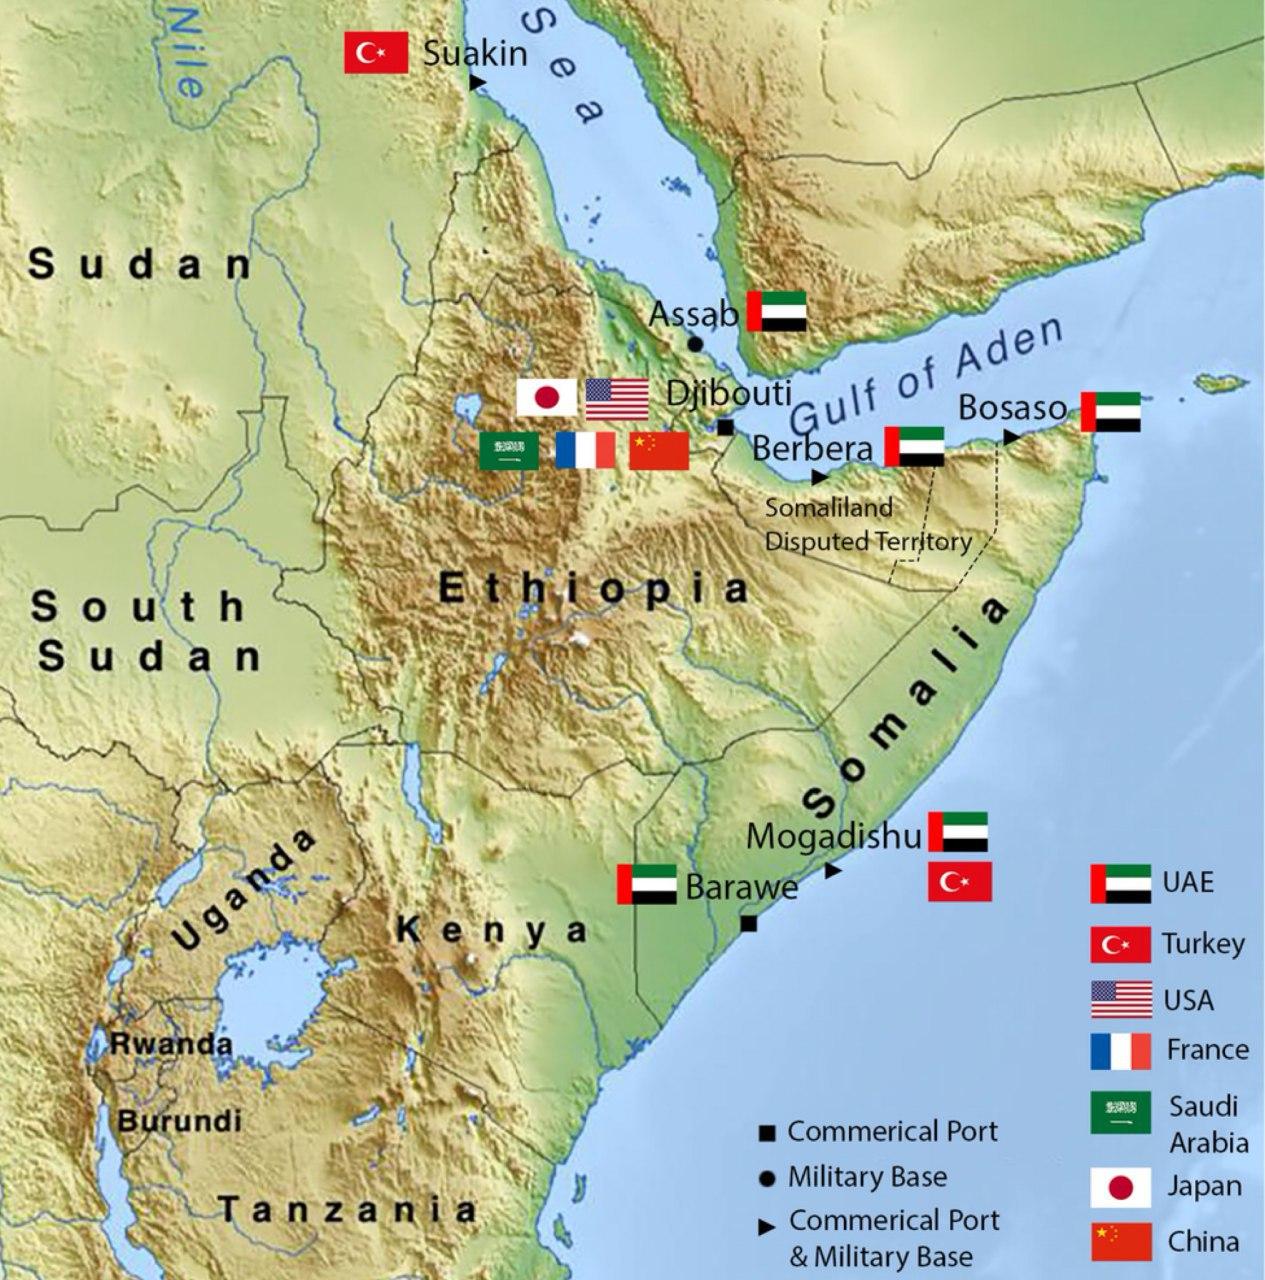 Сомалиленд: В сми циркулируют слухи о новой российской военной базе